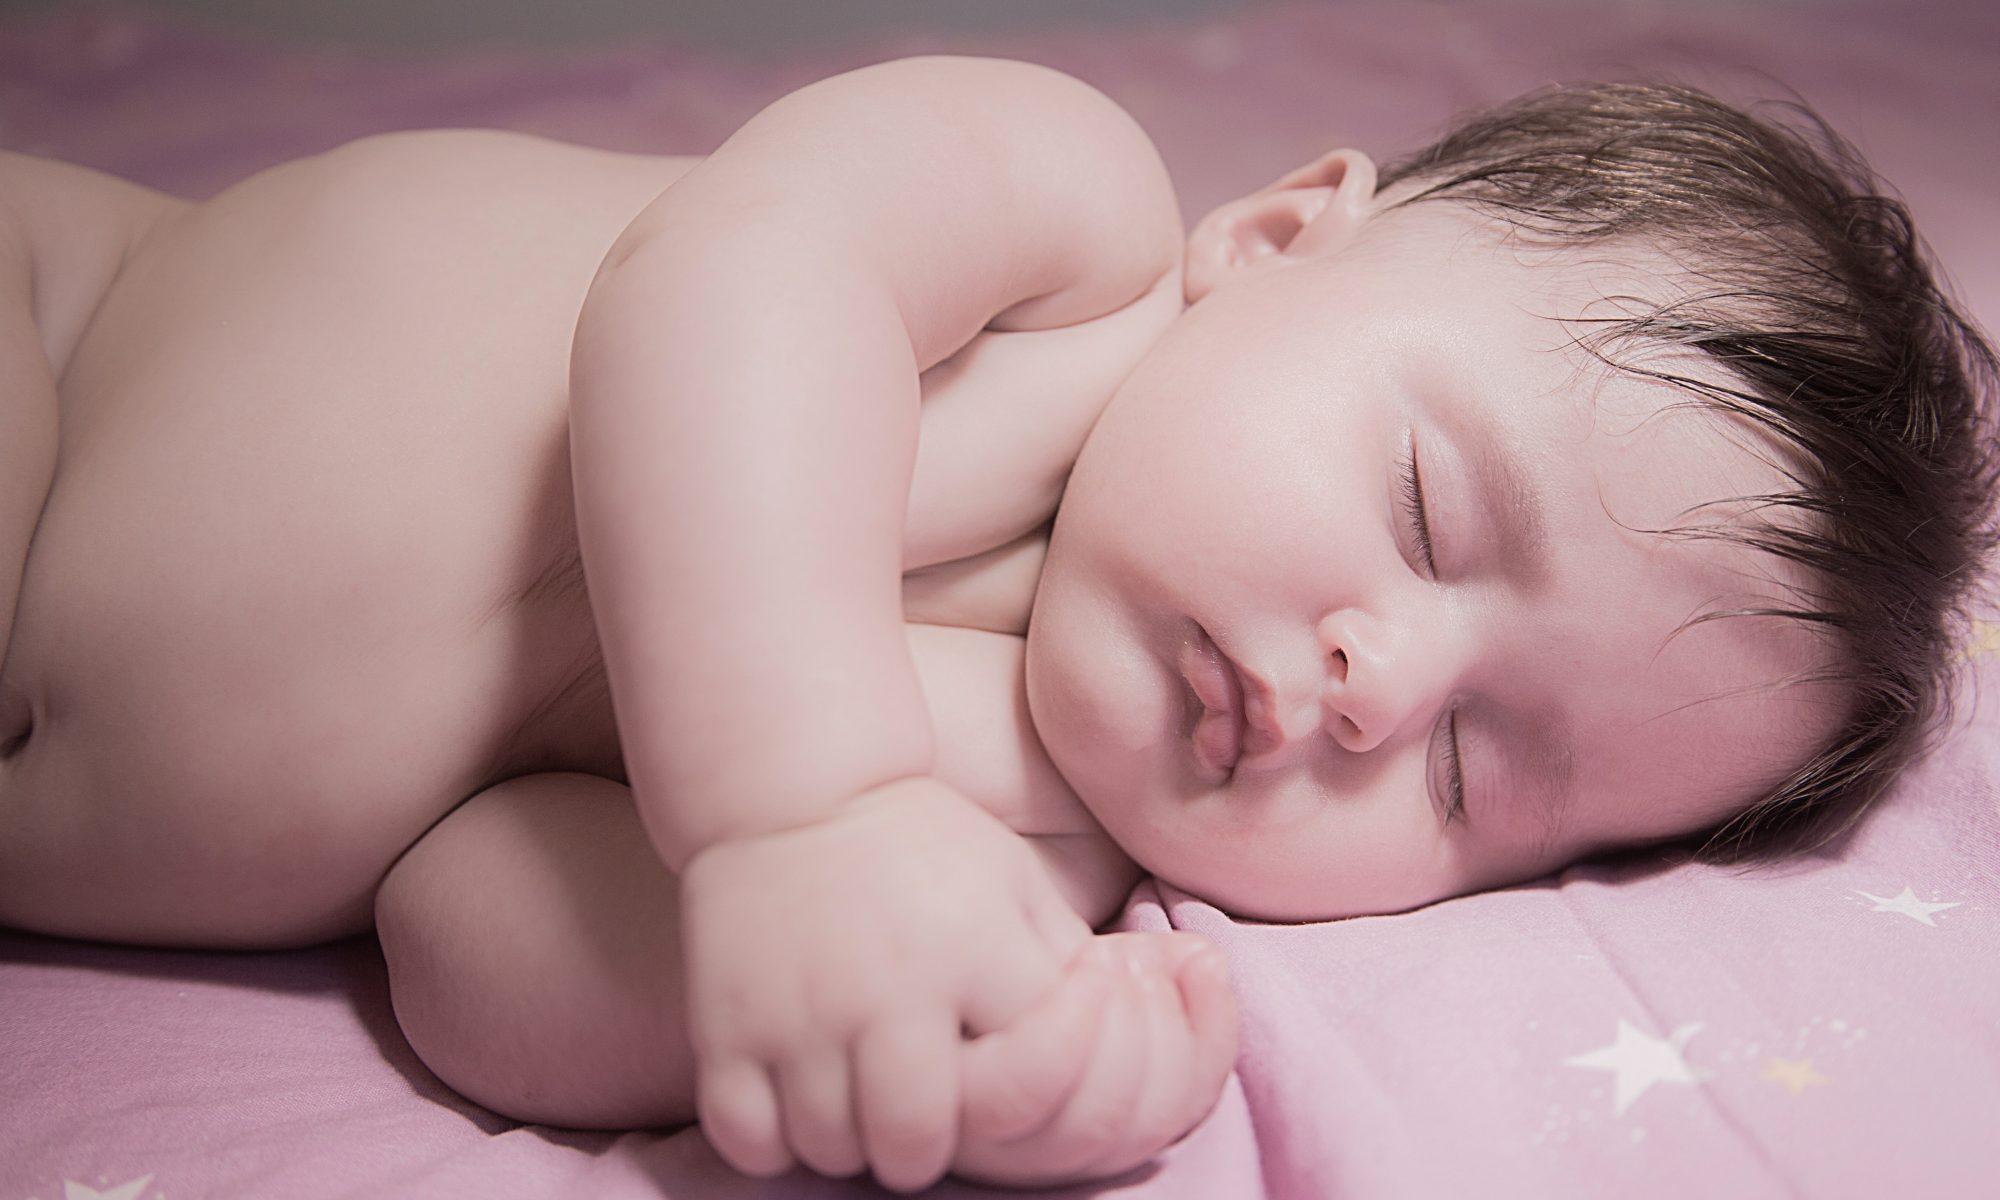 Sous hypnose nous accompagnons la maman et l'enfant pour une grossesse harmonieuse et dépourvue de peurs, de stress et une naissance sans douleur et agréable